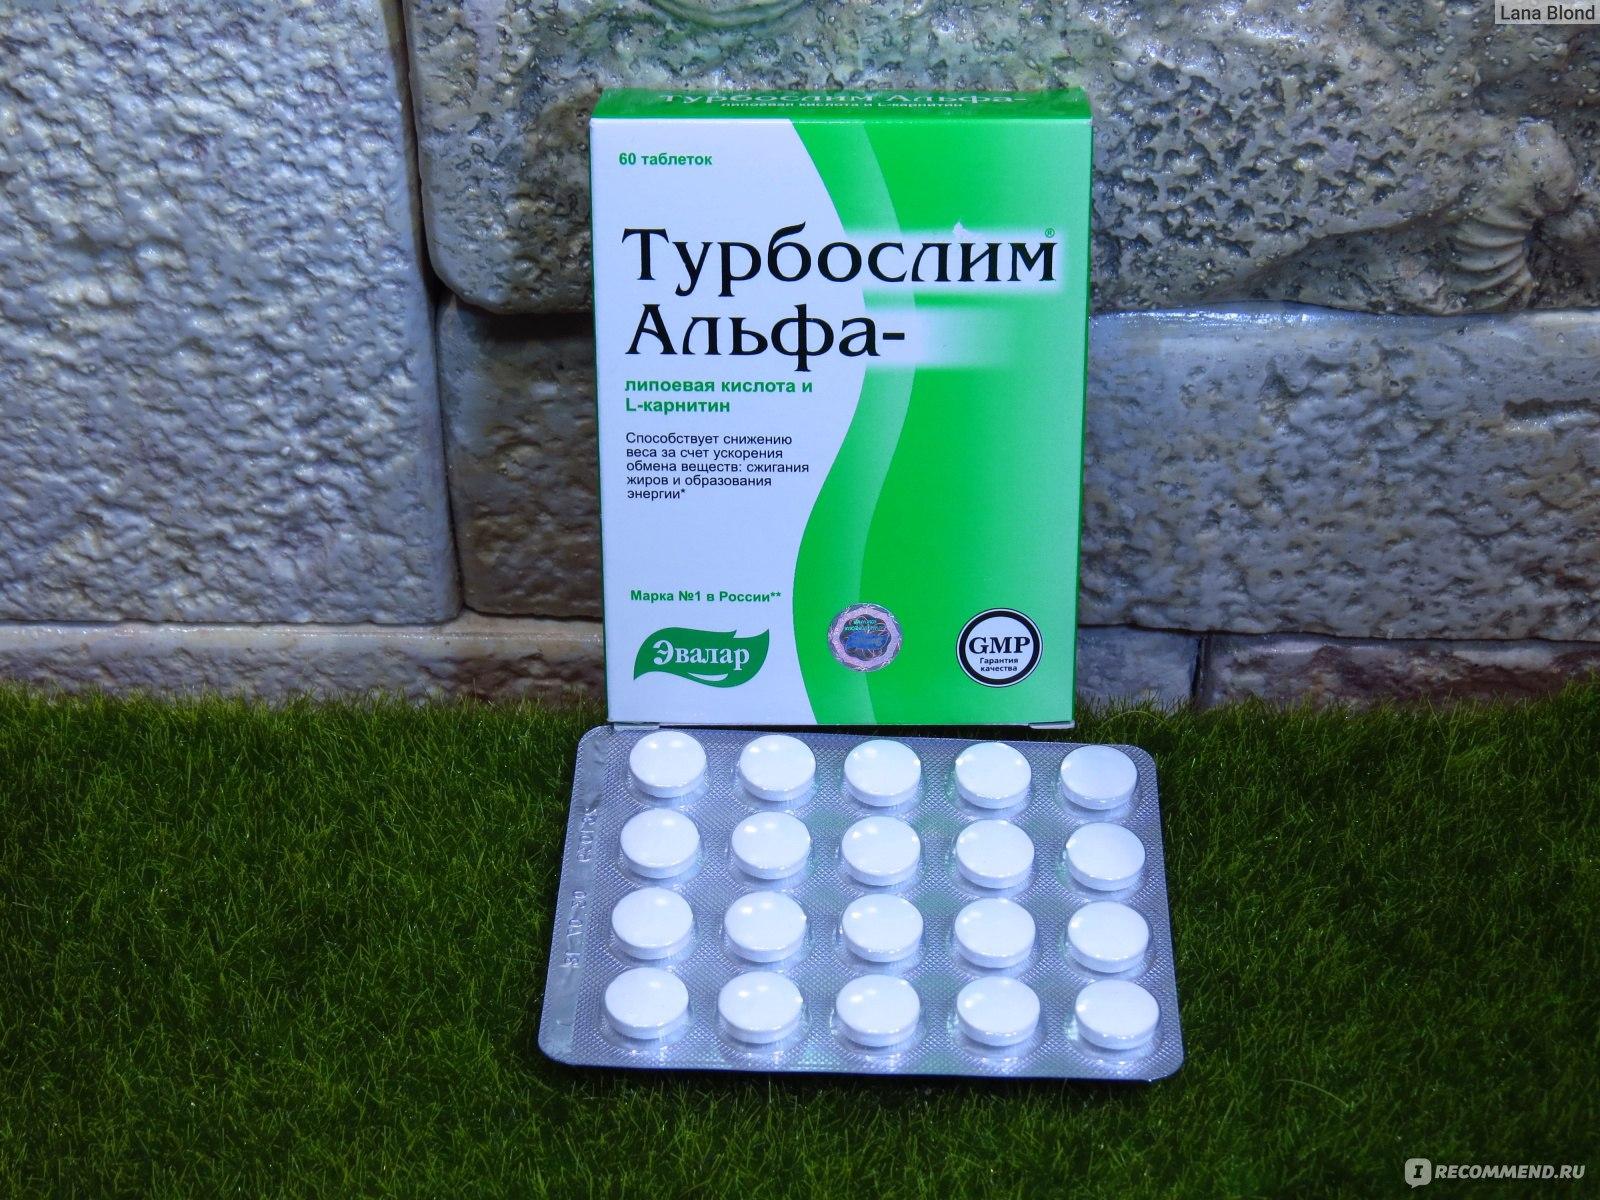 таблетки турбослим альфа ящик